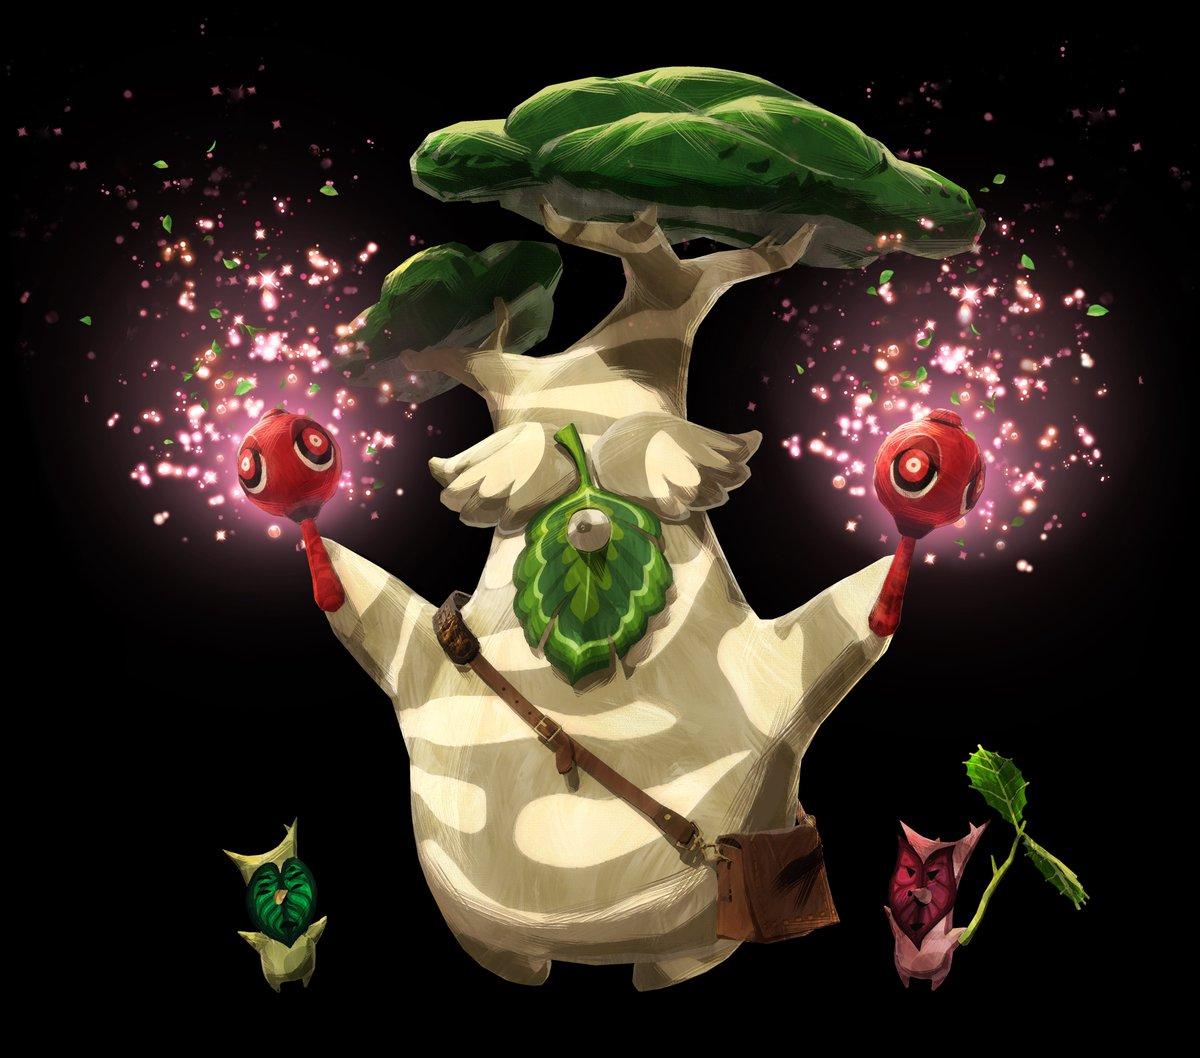 【『ゼルダ無双 厄災の黙示録』-ボックリン】 踊る事が大好きな コログの森の音楽家